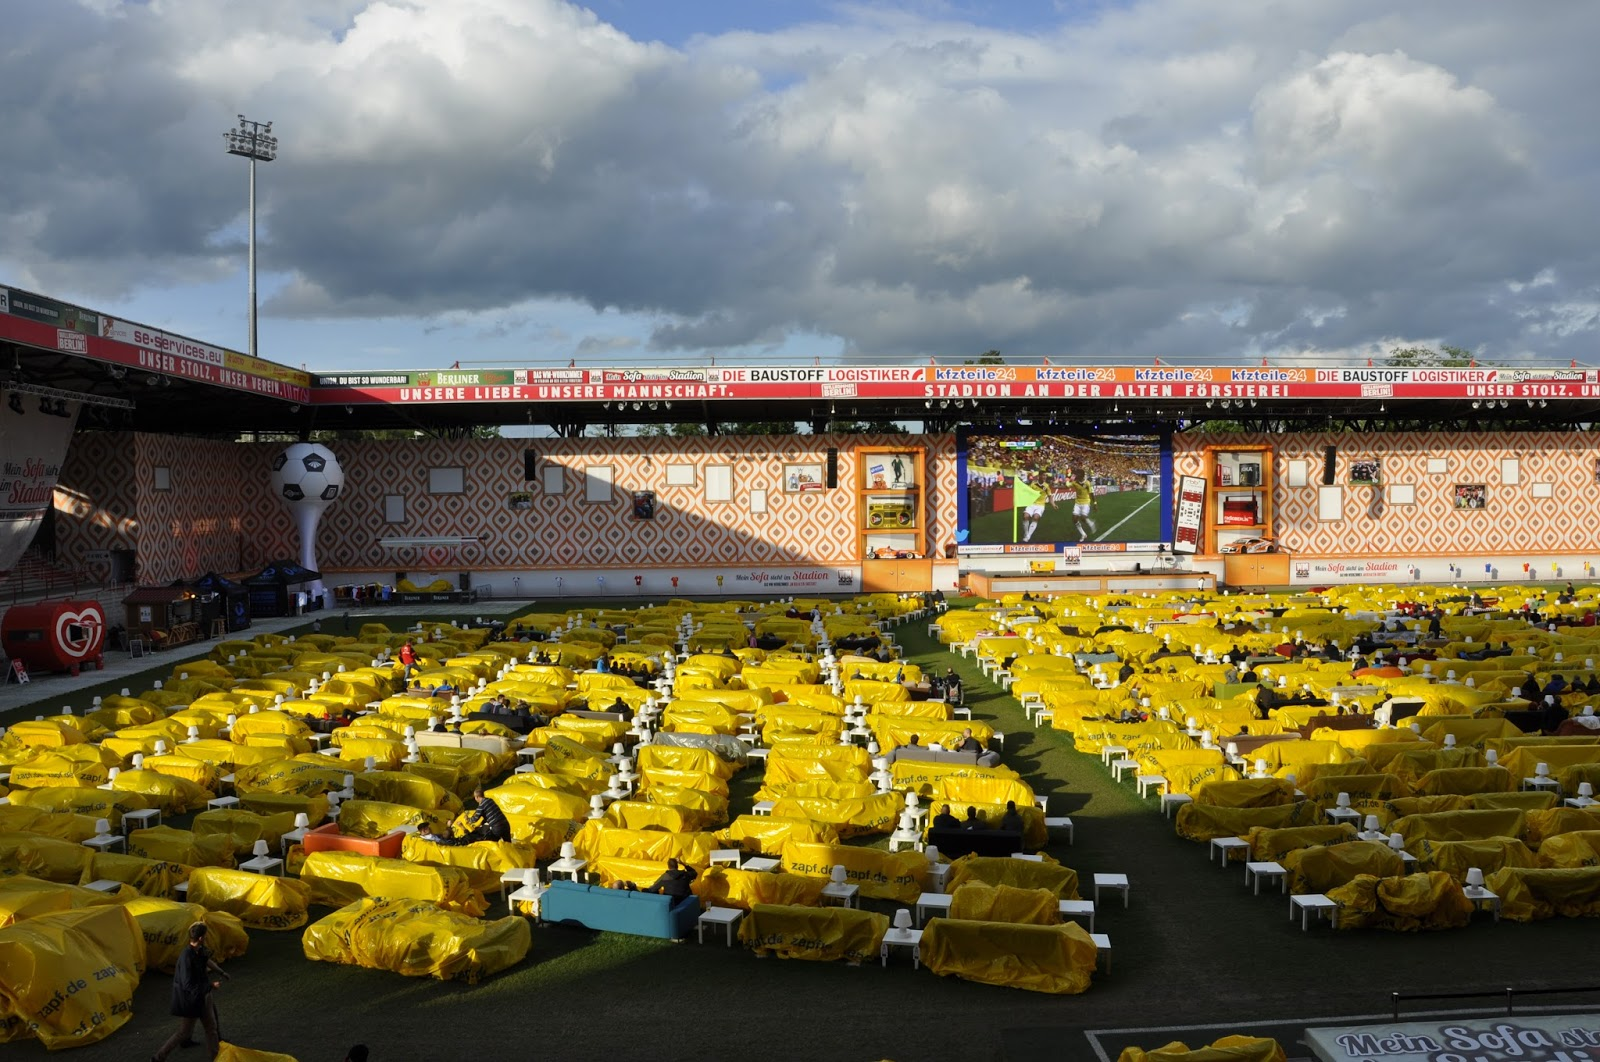 WM Wohnzimmer Kolumbien Besiegt Elfenbeinkste Im Stadion An Der Alten Frsterei Des 1 FC Union Berlin Fans Haben Sich Eine Parzelle Auf Dem Rasen